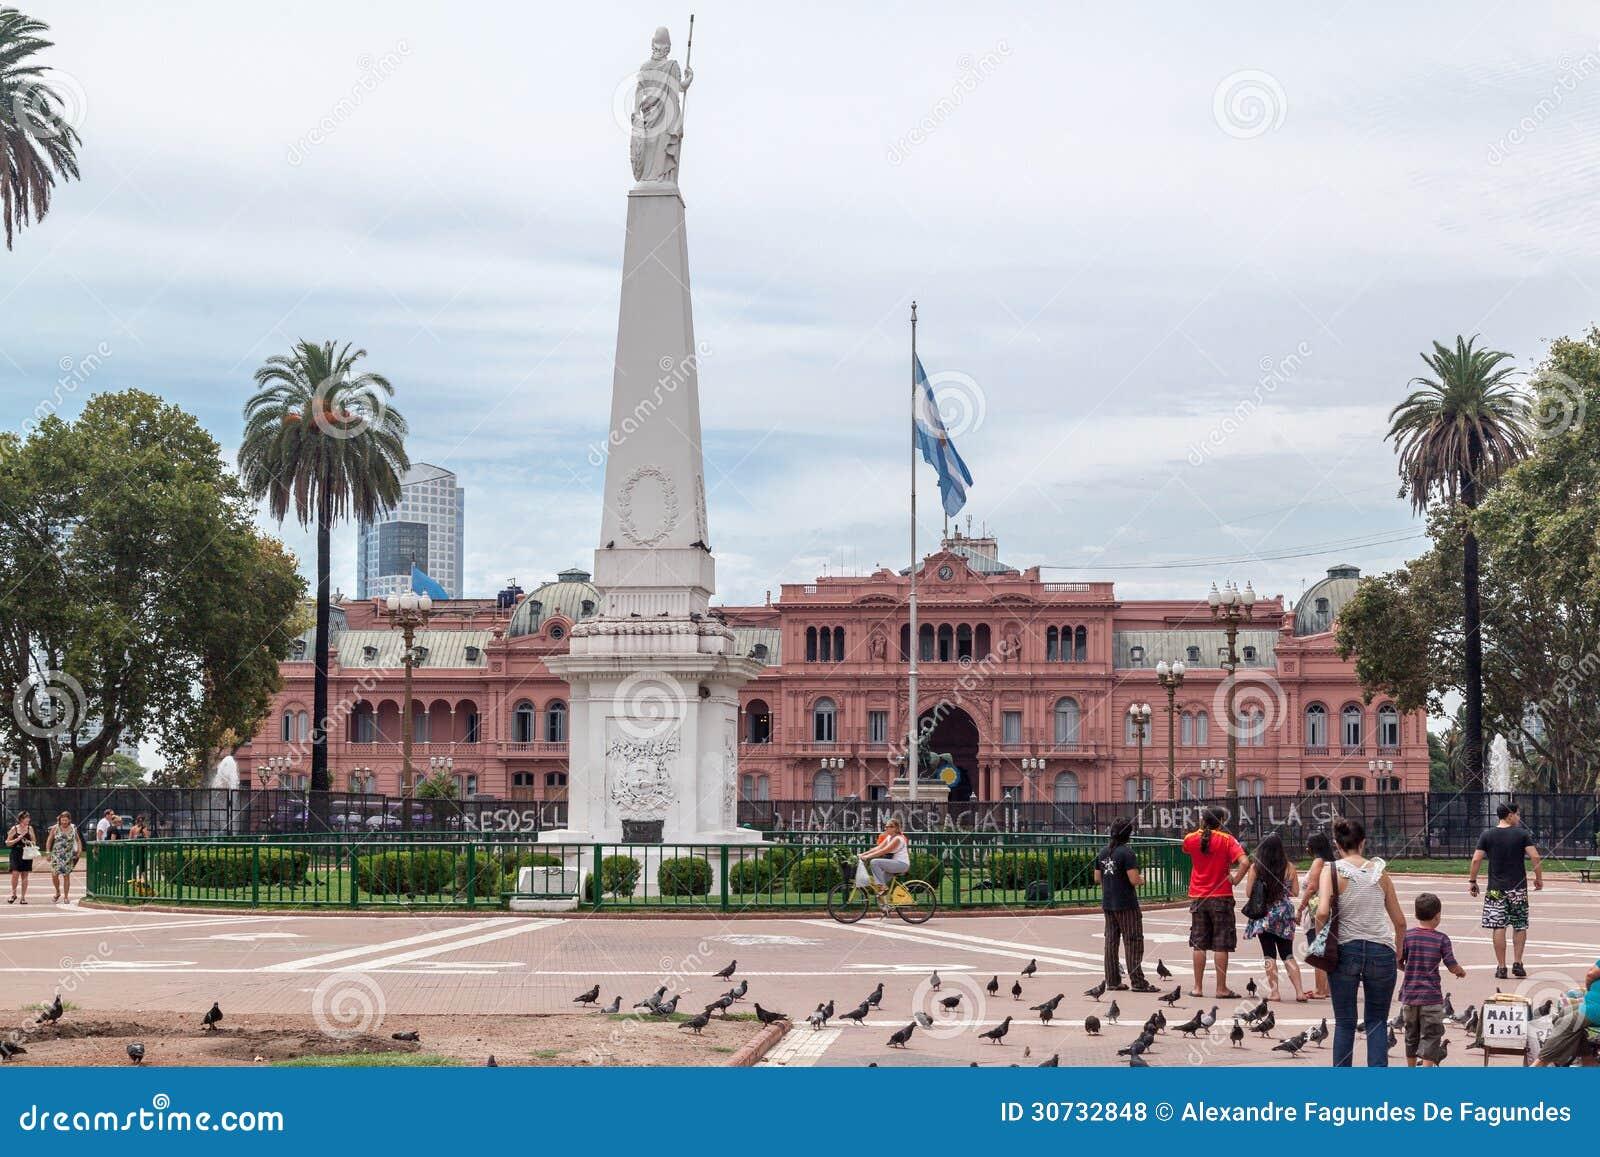 Plaza de mayo casa rosada facade argentina editorial stock for Casa argentina